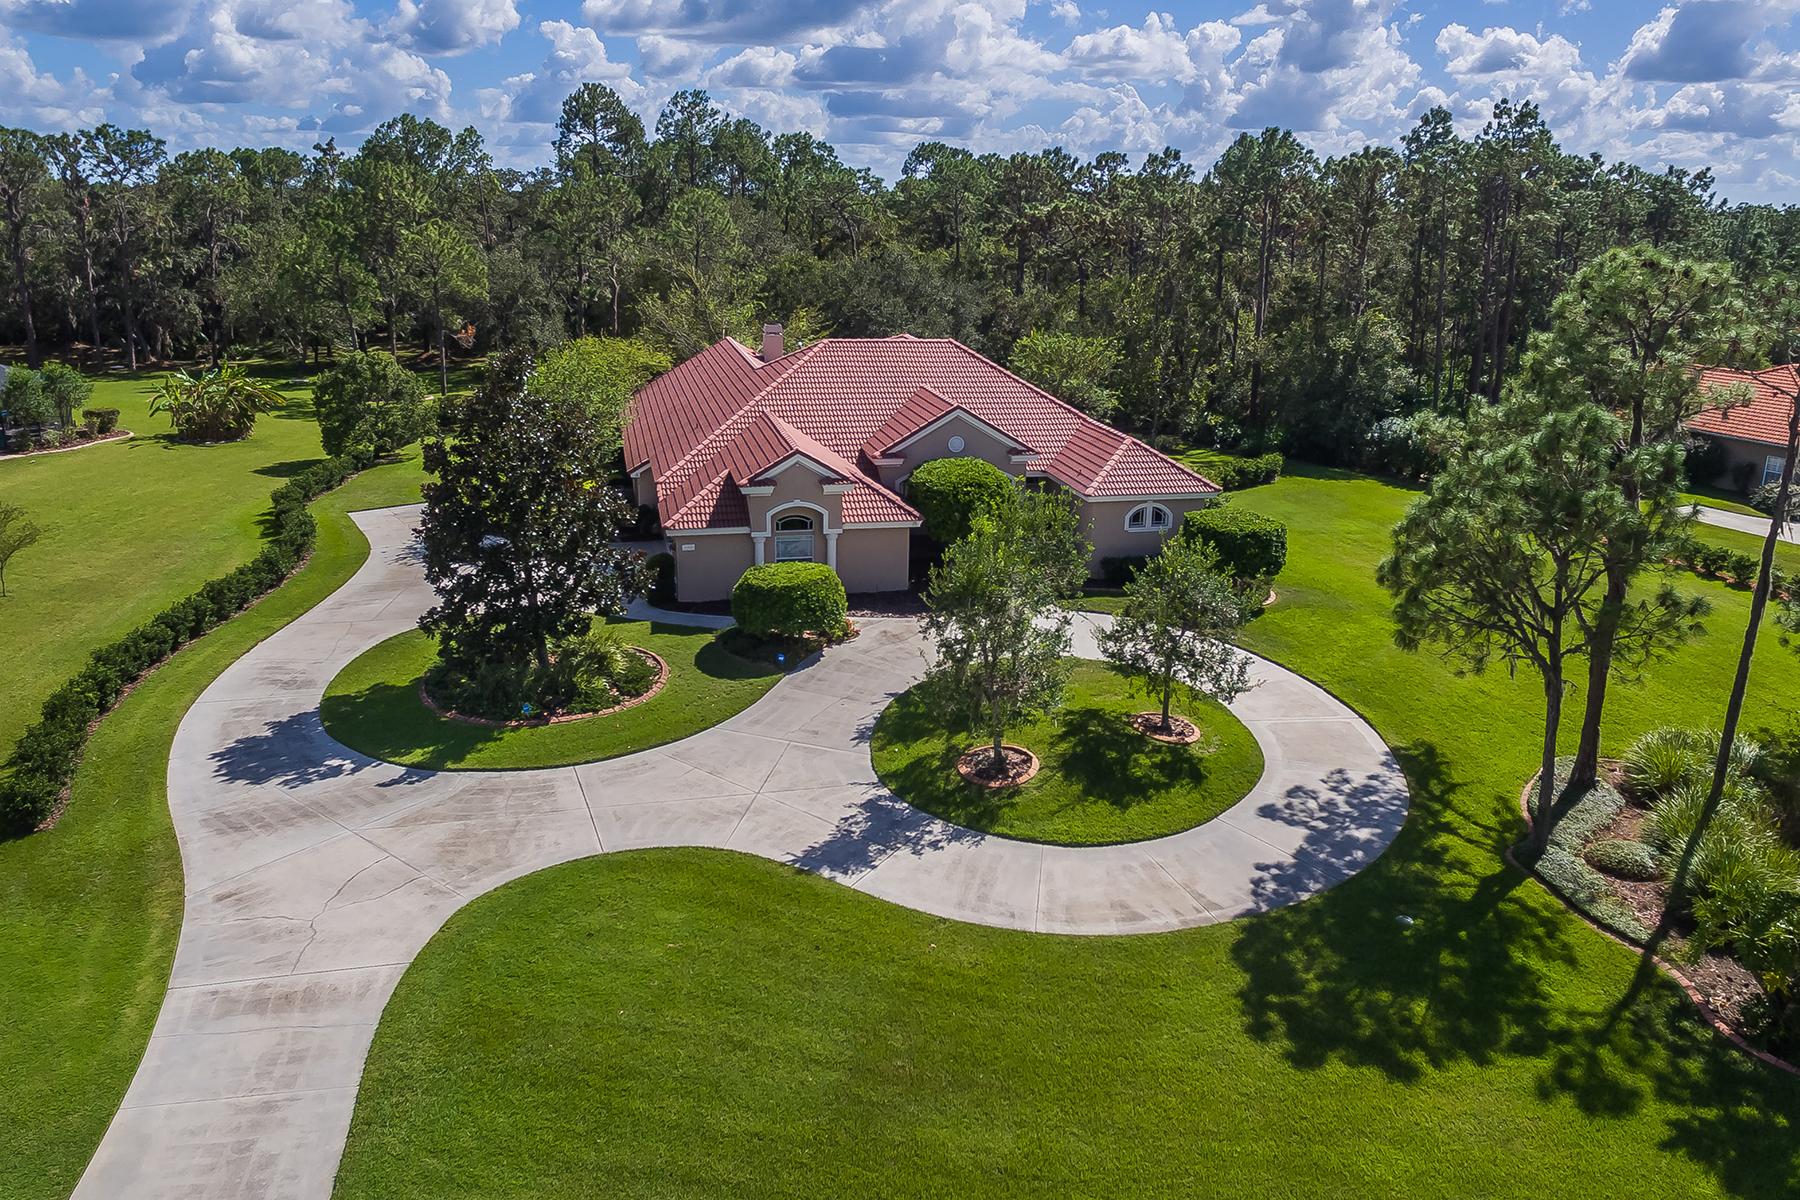 獨棟家庭住宅 為 出售 在 PRESERVE AT PANTHER RIDGE 21808 Deer Pointe, Bradenton, 佛羅里達州, 34202 美國